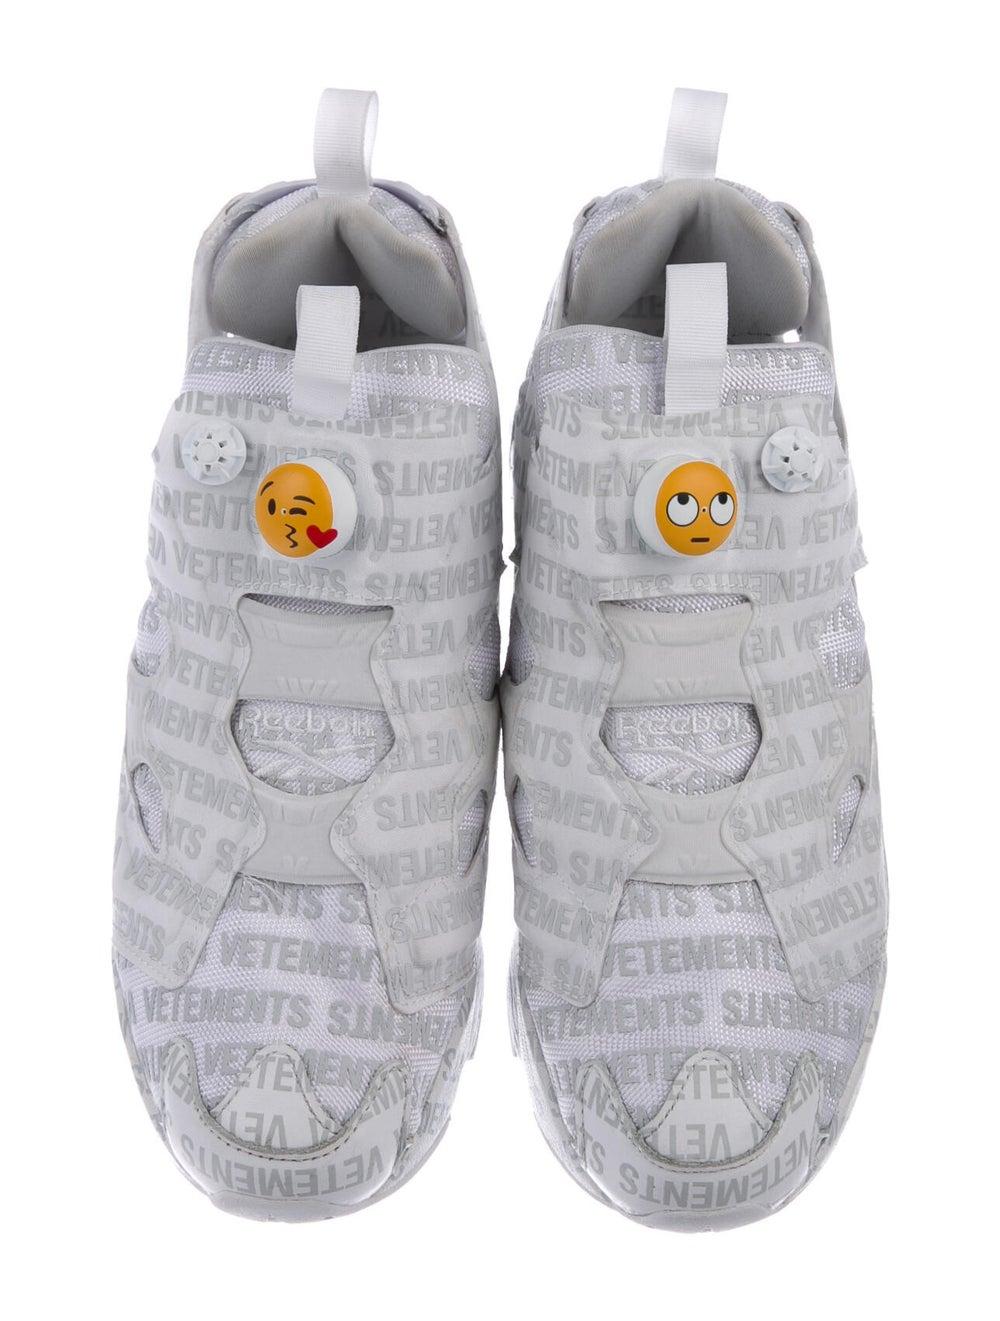 Vetements x Reebok Instapump Fury Emoji Sneakers … - image 3